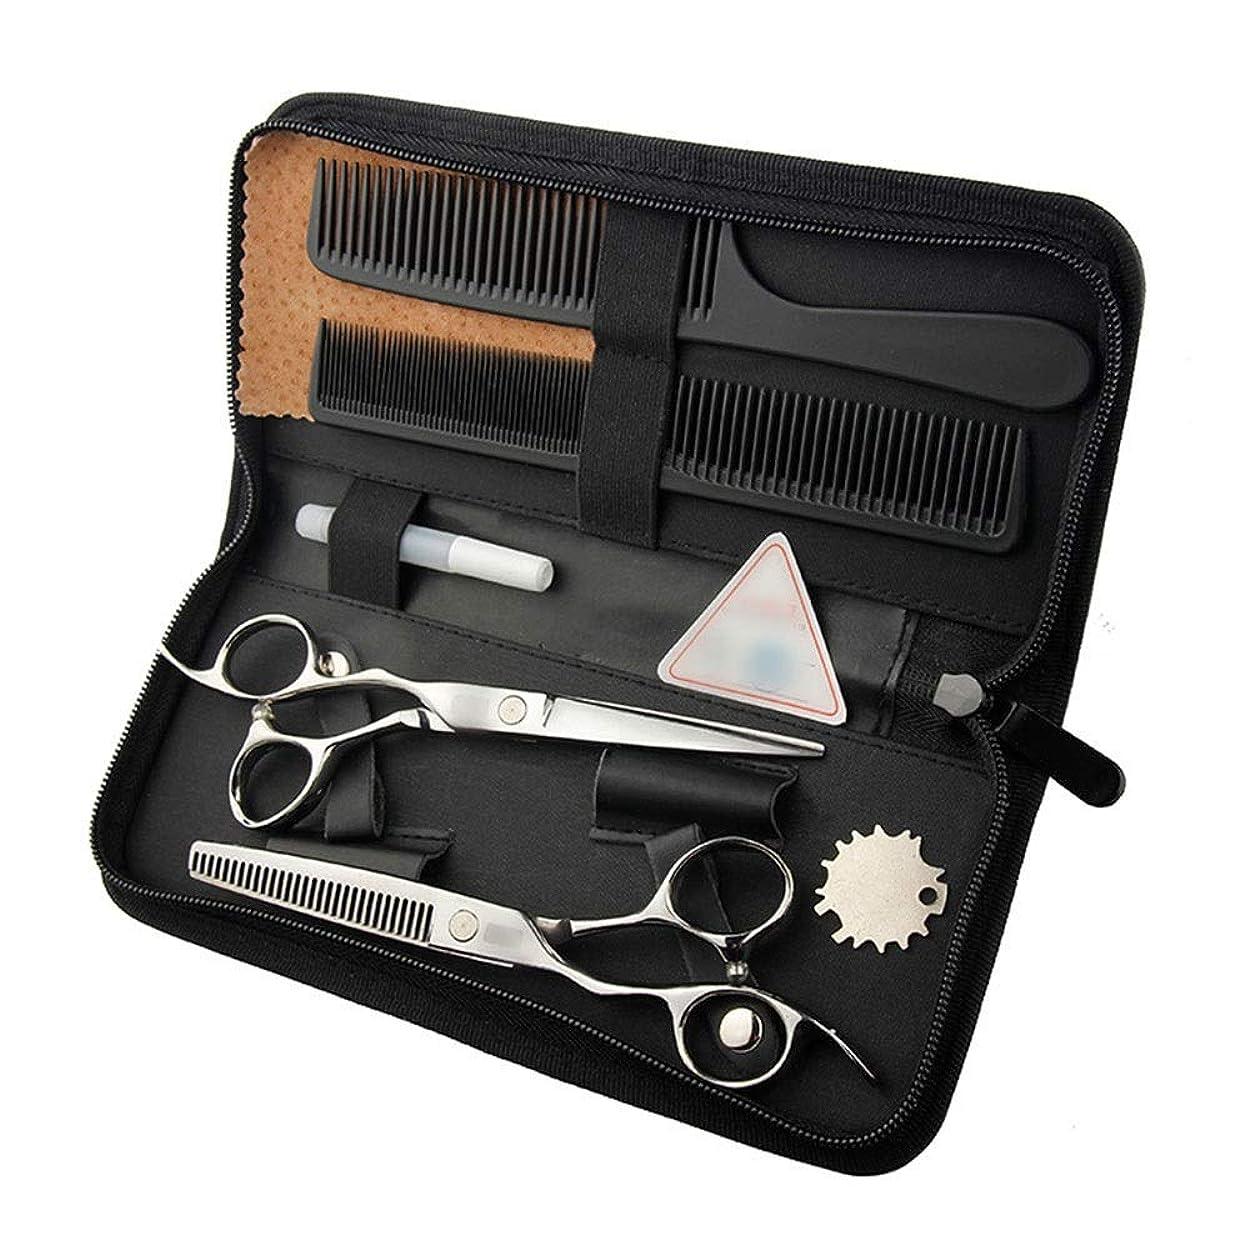 付属品位置する放課後6インチ美容院プロフェッショナル理髪セットフラットはさみ+歯せん断セット、美容院左手はさみセット モデリングツール (色 : Silver)